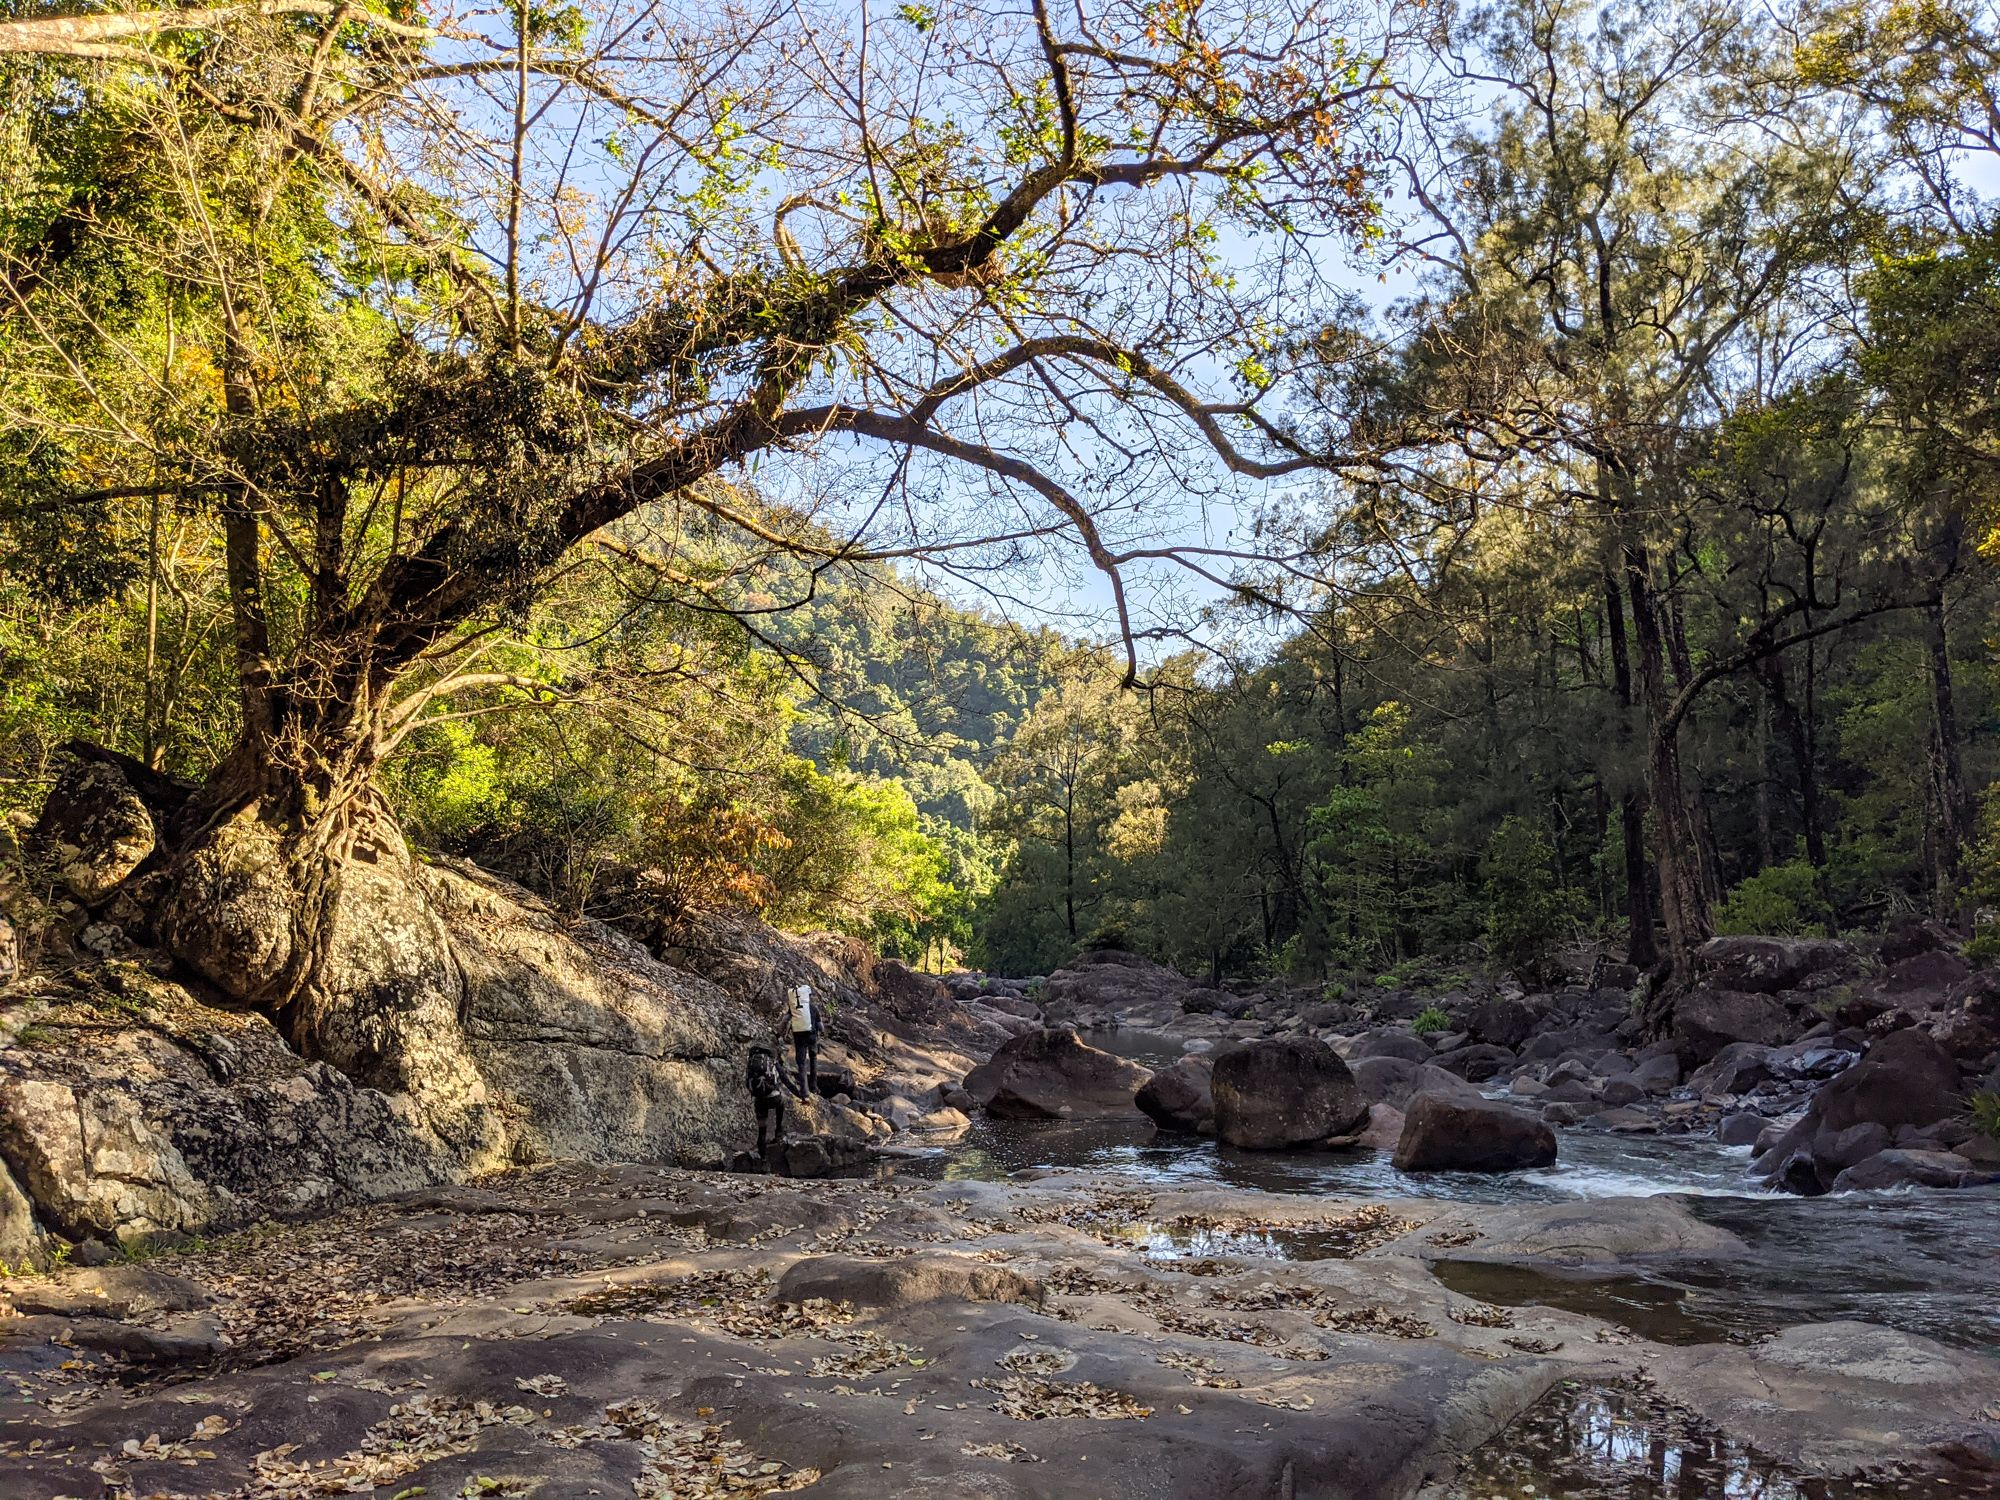 garawalt creek tree